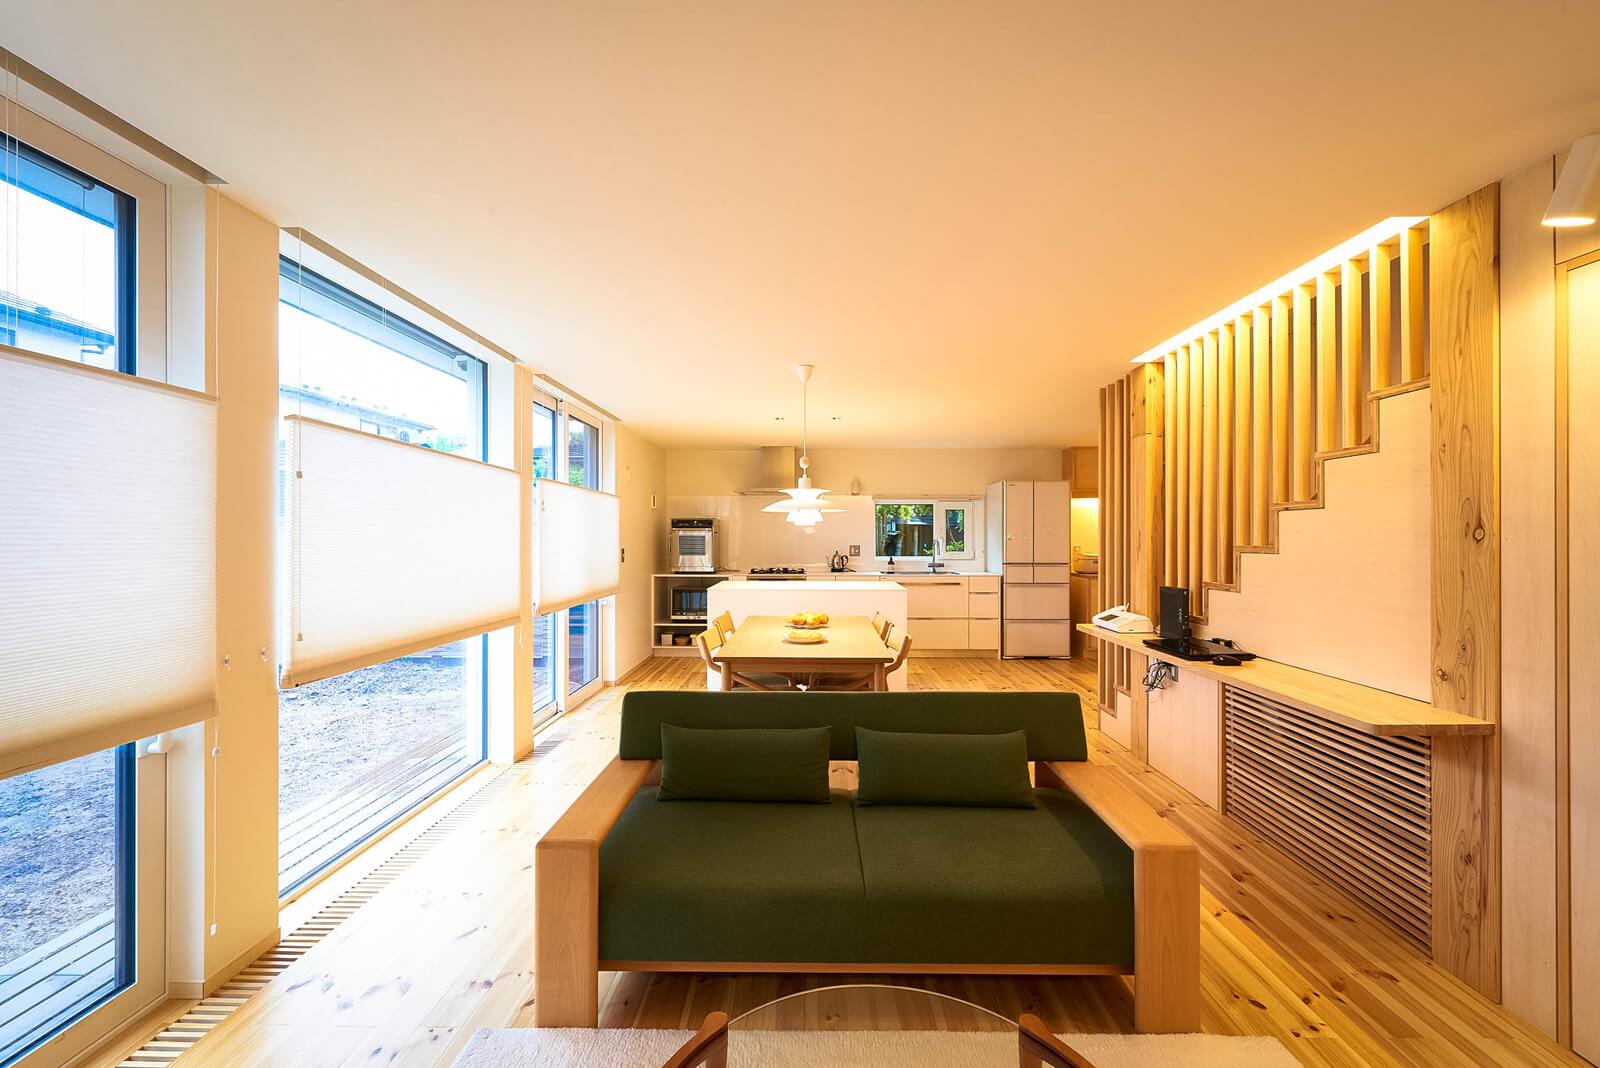 広々としたリビングは、階段下収納の一部にエアコンを設置。床下へ温風を送り込み、床暖房より快適な環境を生み出す。調光コントローラーと間接照明を主に使用して、目と心に優しい空間に